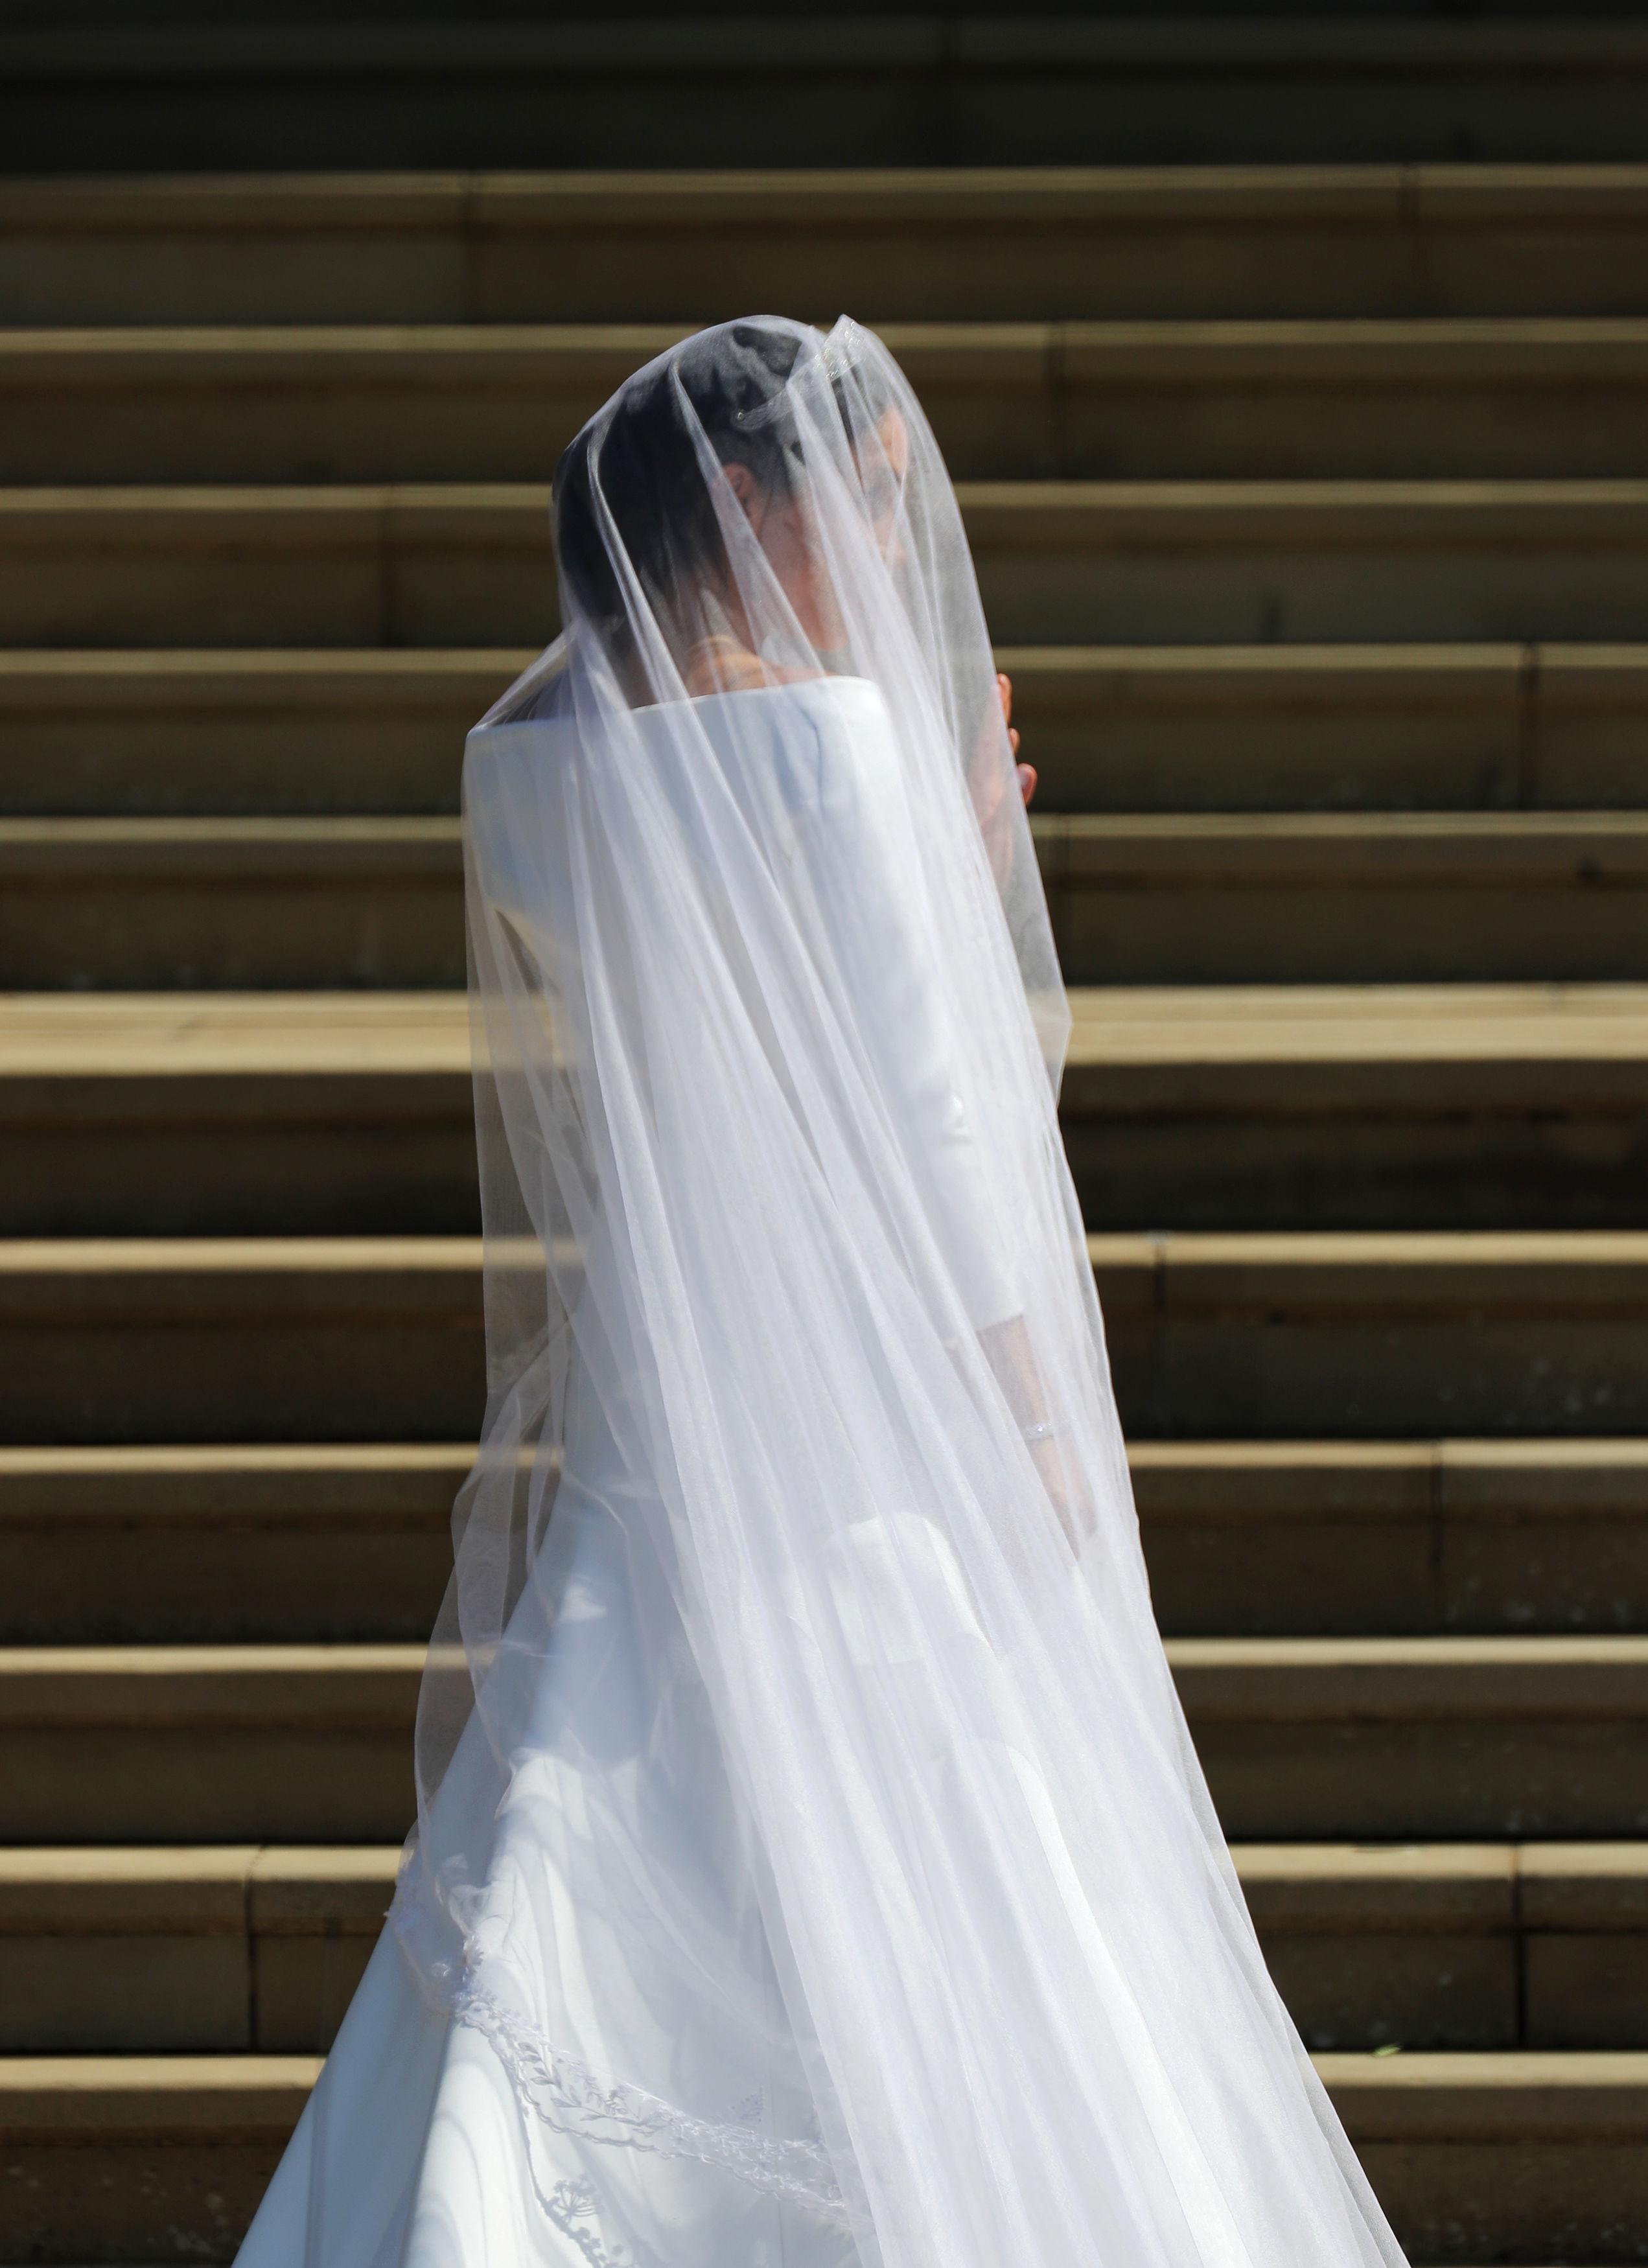 """1. Безспорно събитието на 2018-та е сватбата на принц Хари и бившата актриса Меган Маркъл. Много се говореше за този момент дълго преди да е настъпил, а булката потвърди очакванията на всички, че ще бъде зашеметяваща. Роклята на булката се пазеше в тайна до последно и всички с нетърпение очакваха да я видят. Тя е дело на марката Givenchy (""""Живанши"""")."""